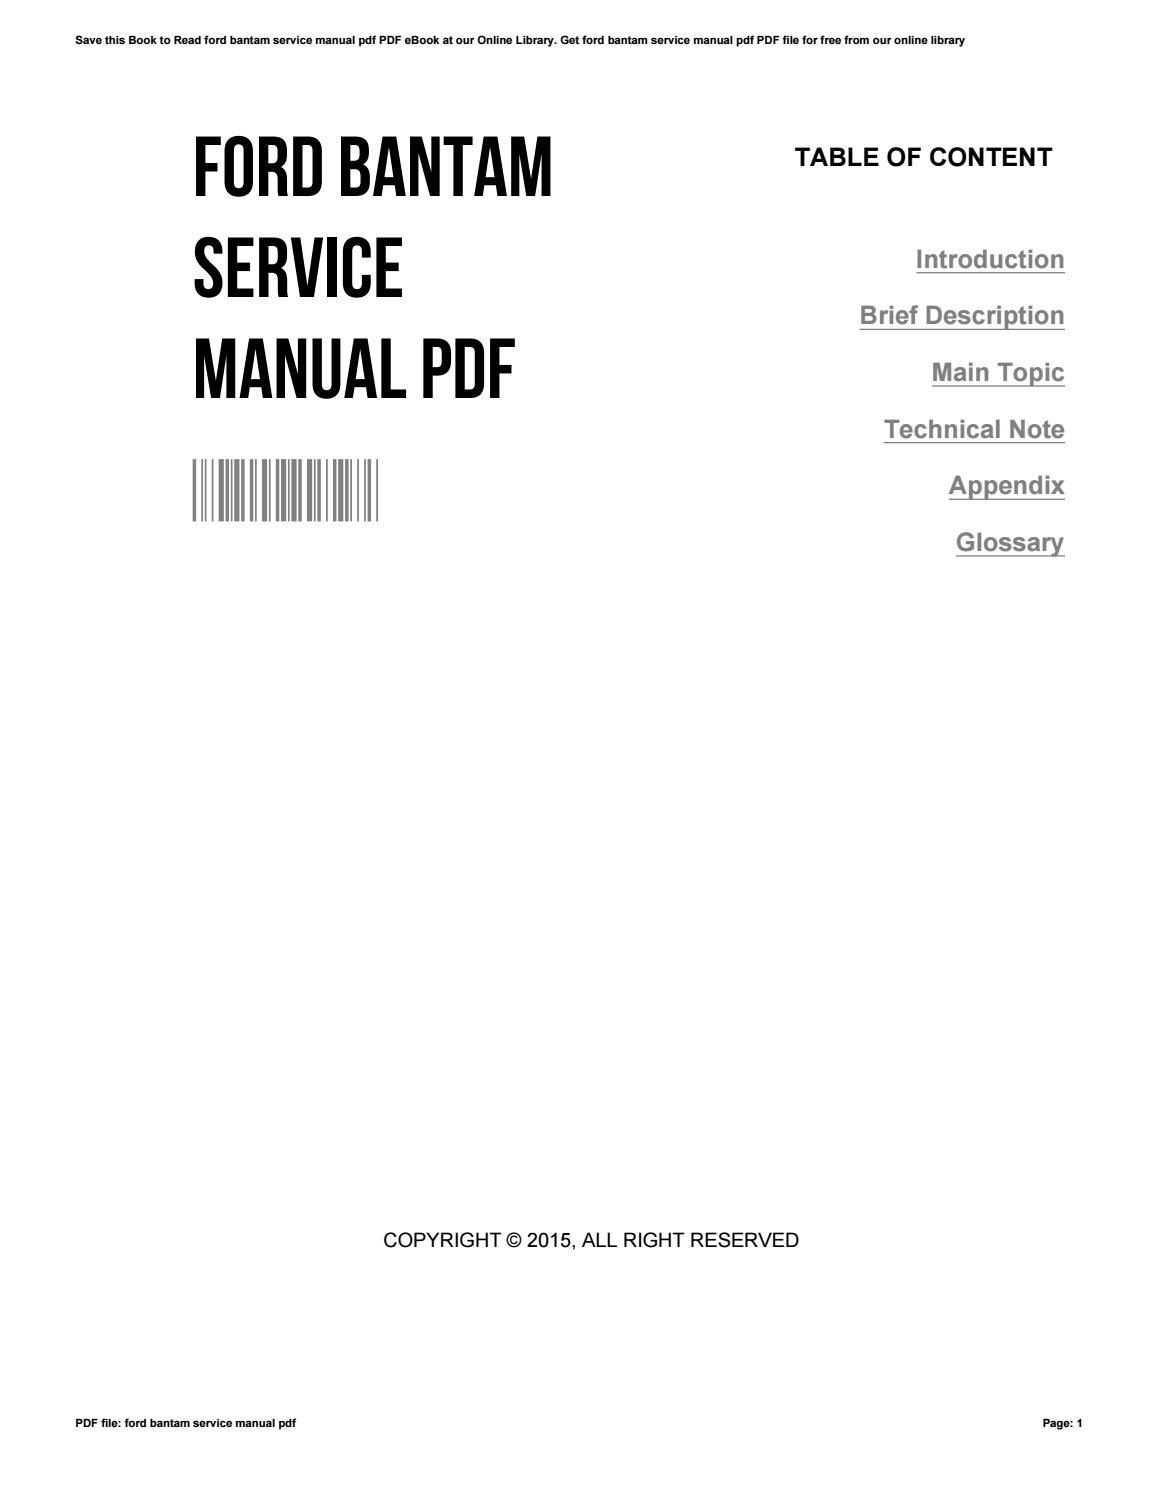 Ford Bantam Manual M113a3 Starter Wire Diagram Array Service Pdf By Craiggonzales3464 Issuu Rh